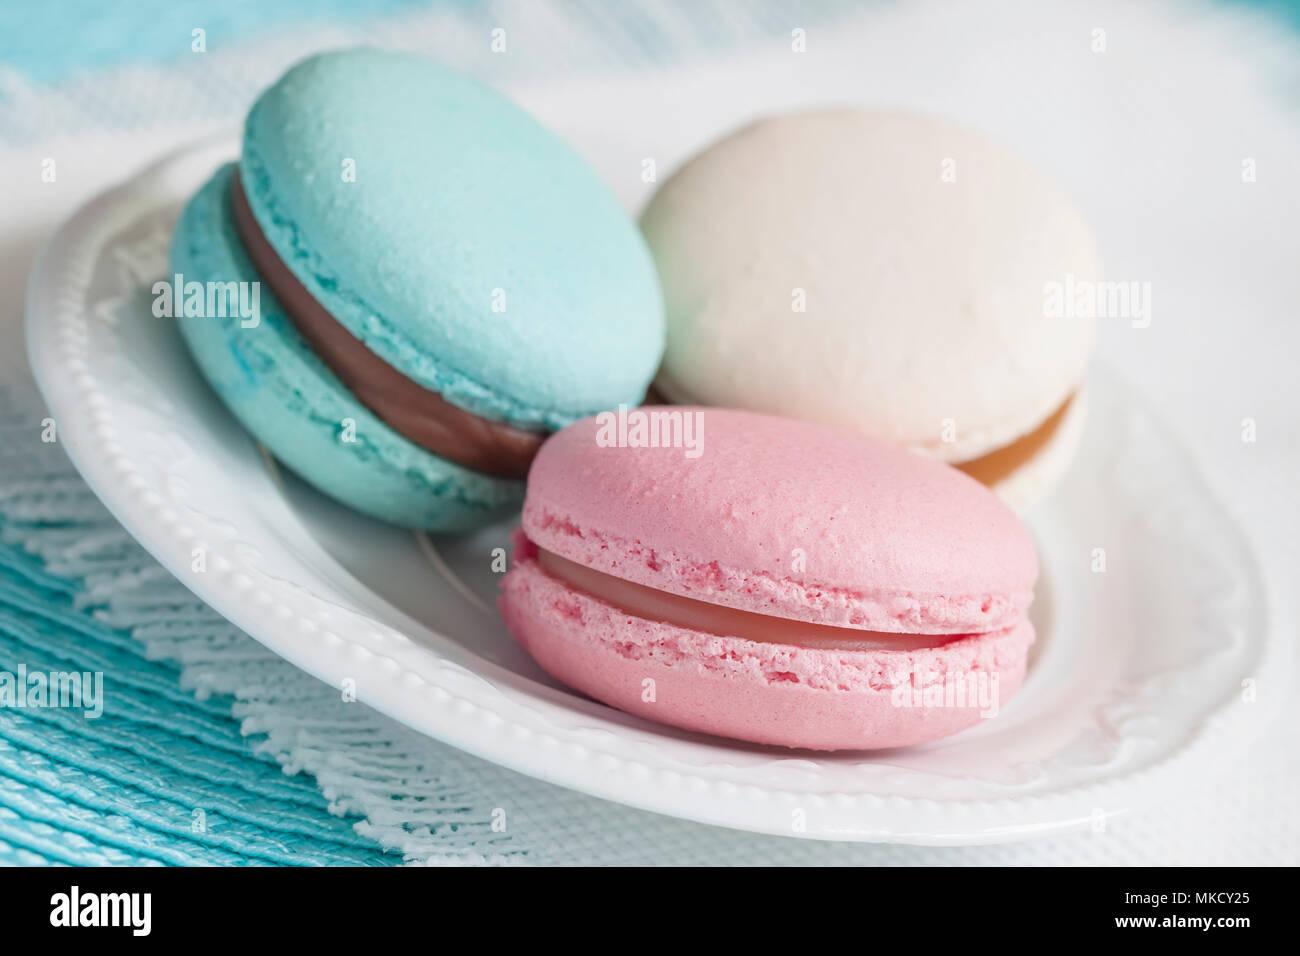 Tres mostachones de diferentes colores y diferentes sabores en una placa blanca. Imagen De Stock